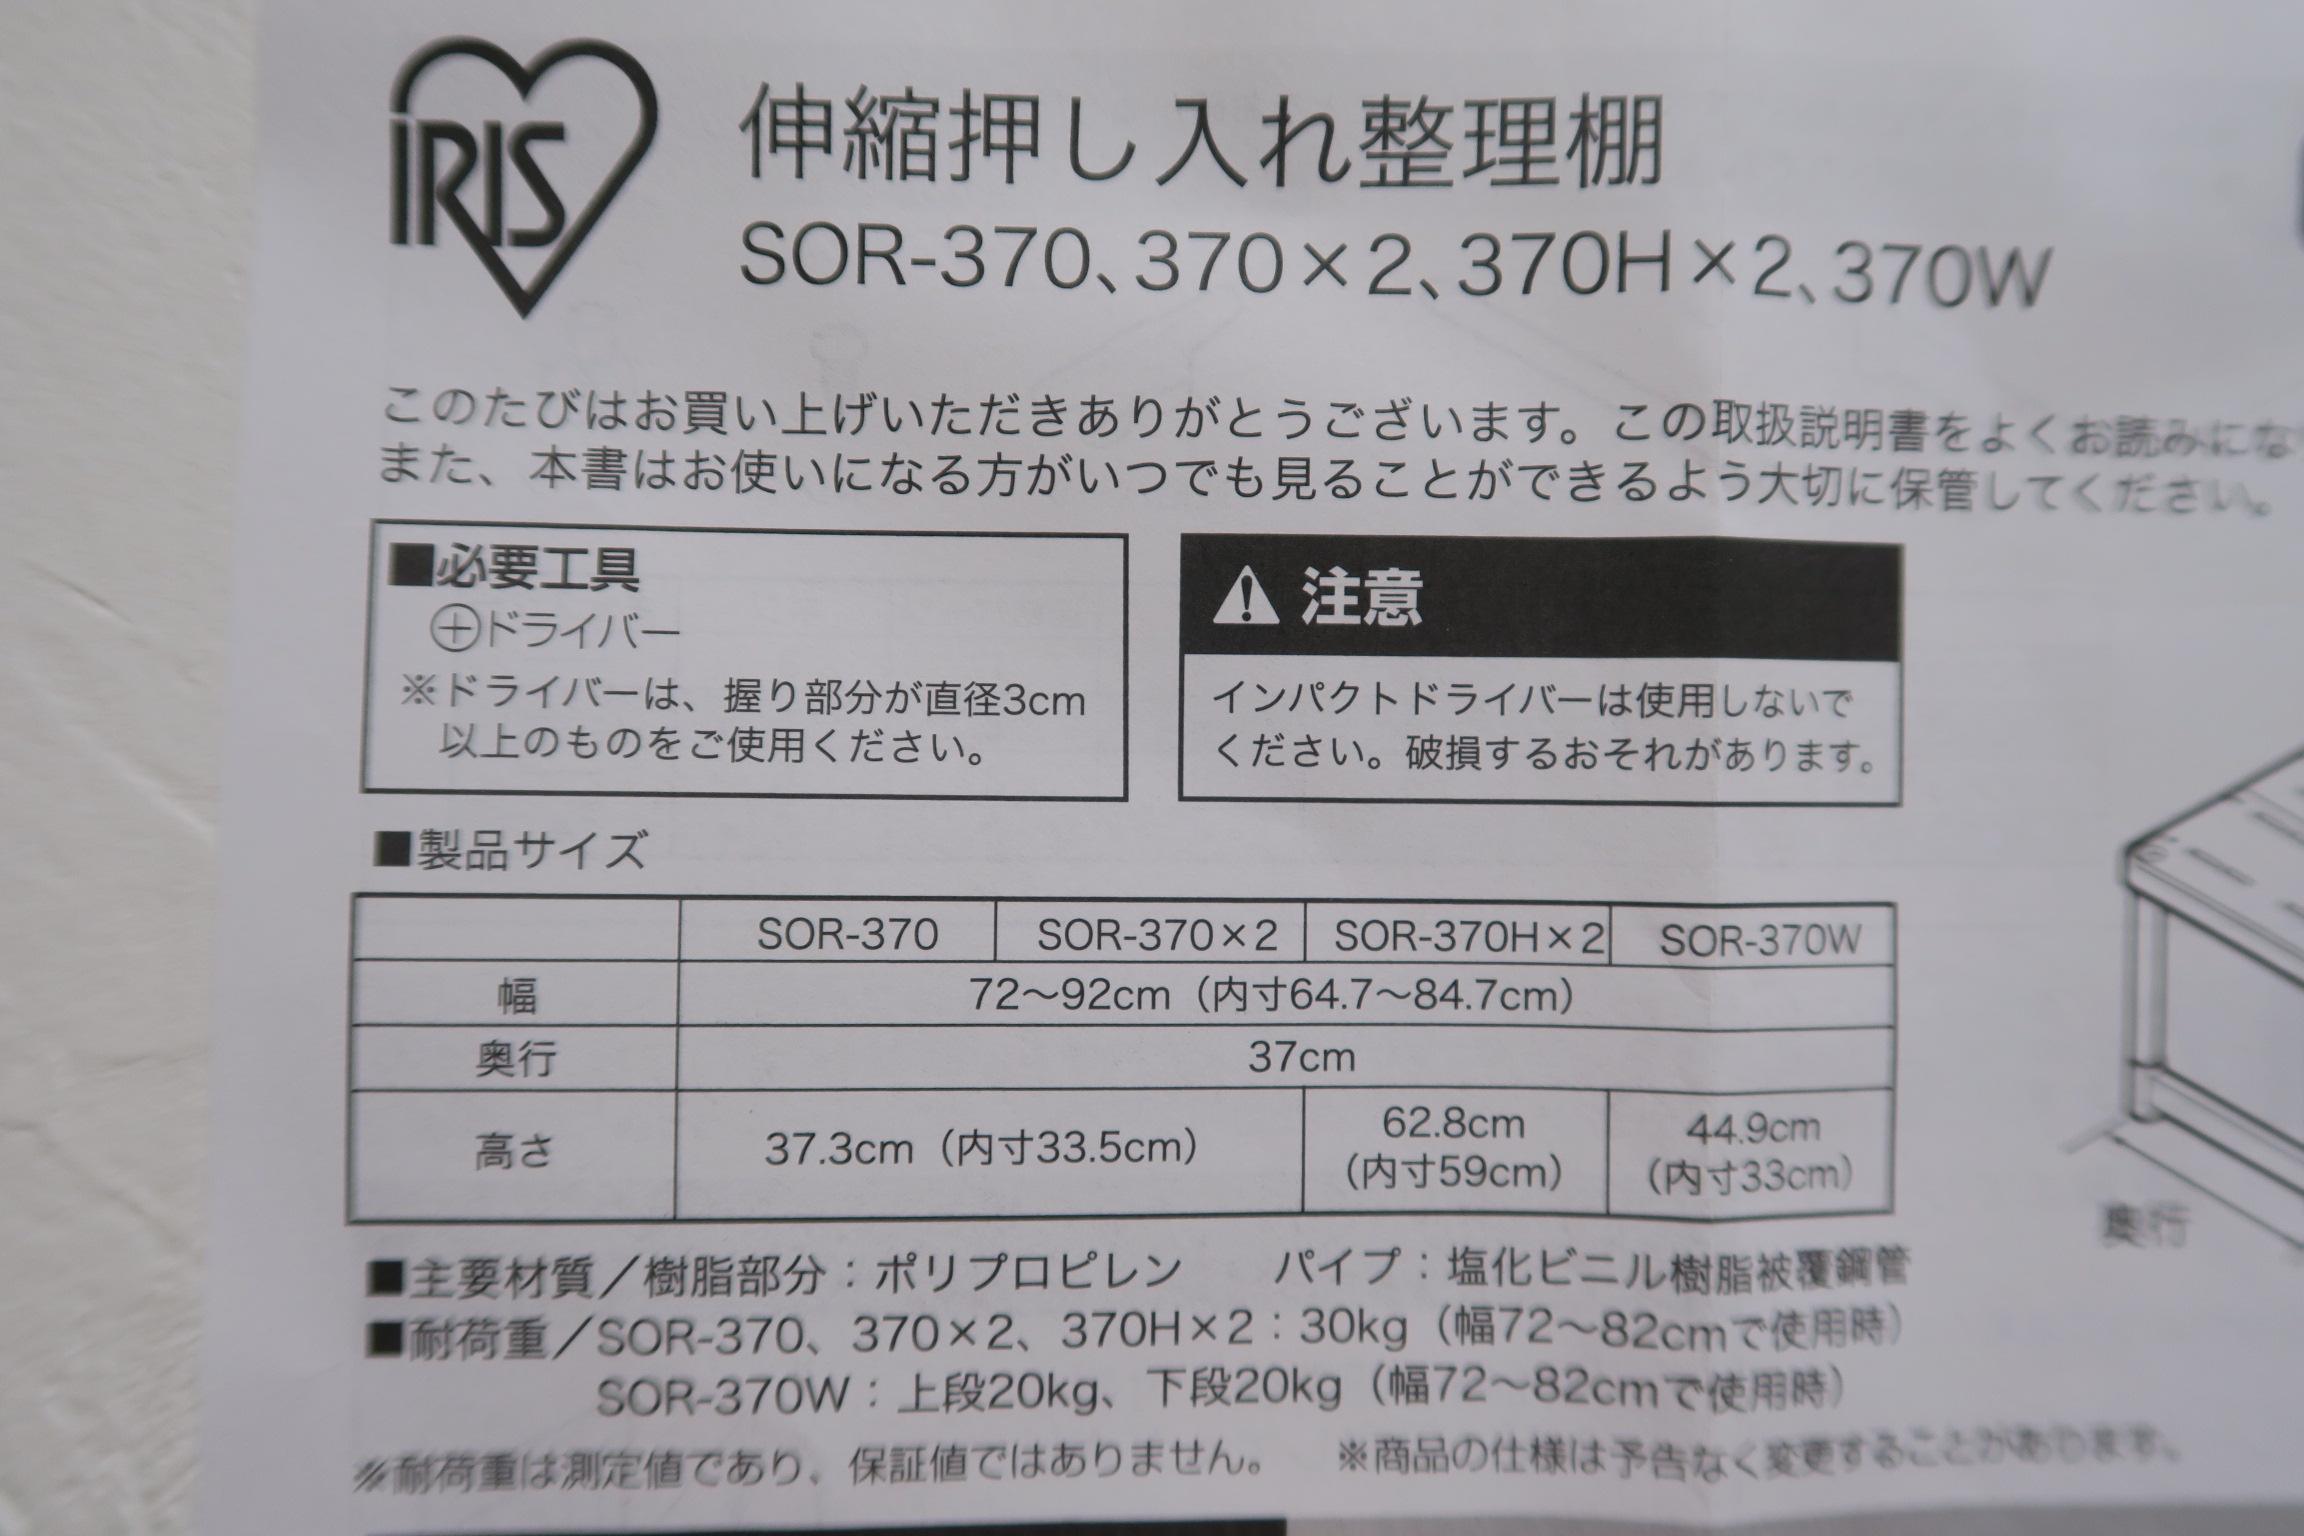 伸縮押入れ整理棚 SOR-370H×2/アイリスオーヤマのサイズ